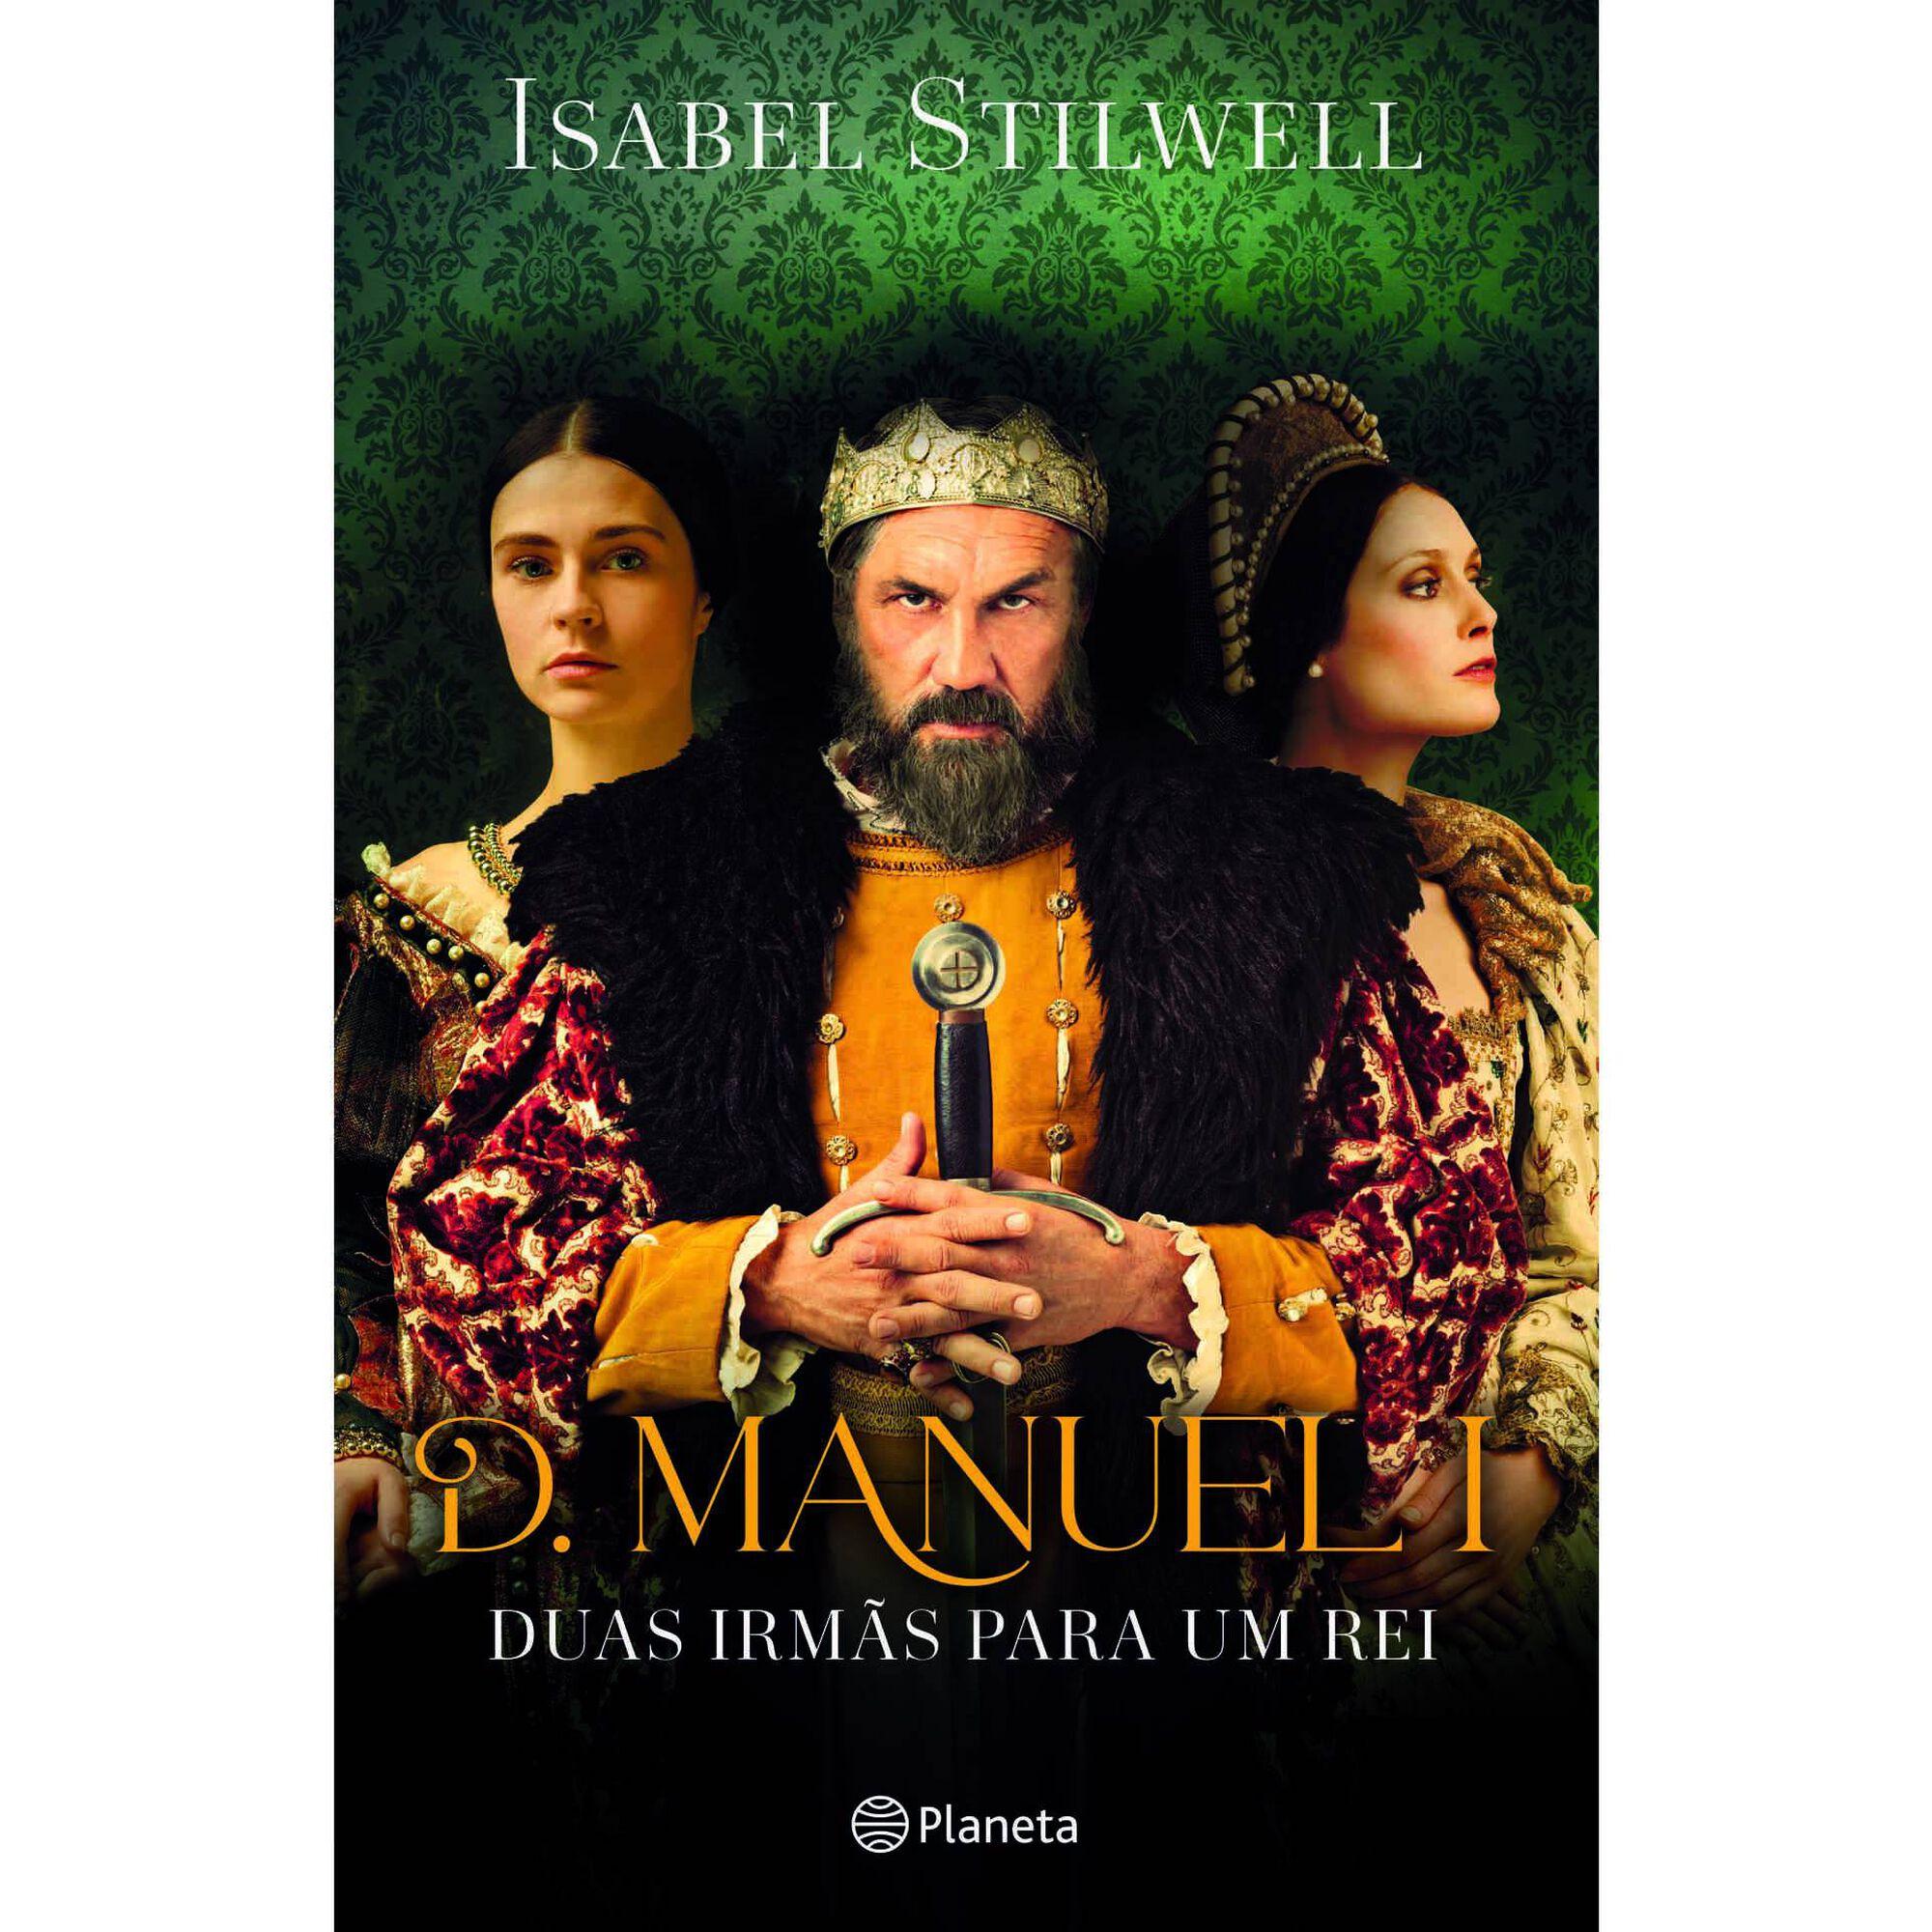 D. Manuel I - Duas Irmãs para Um Rei